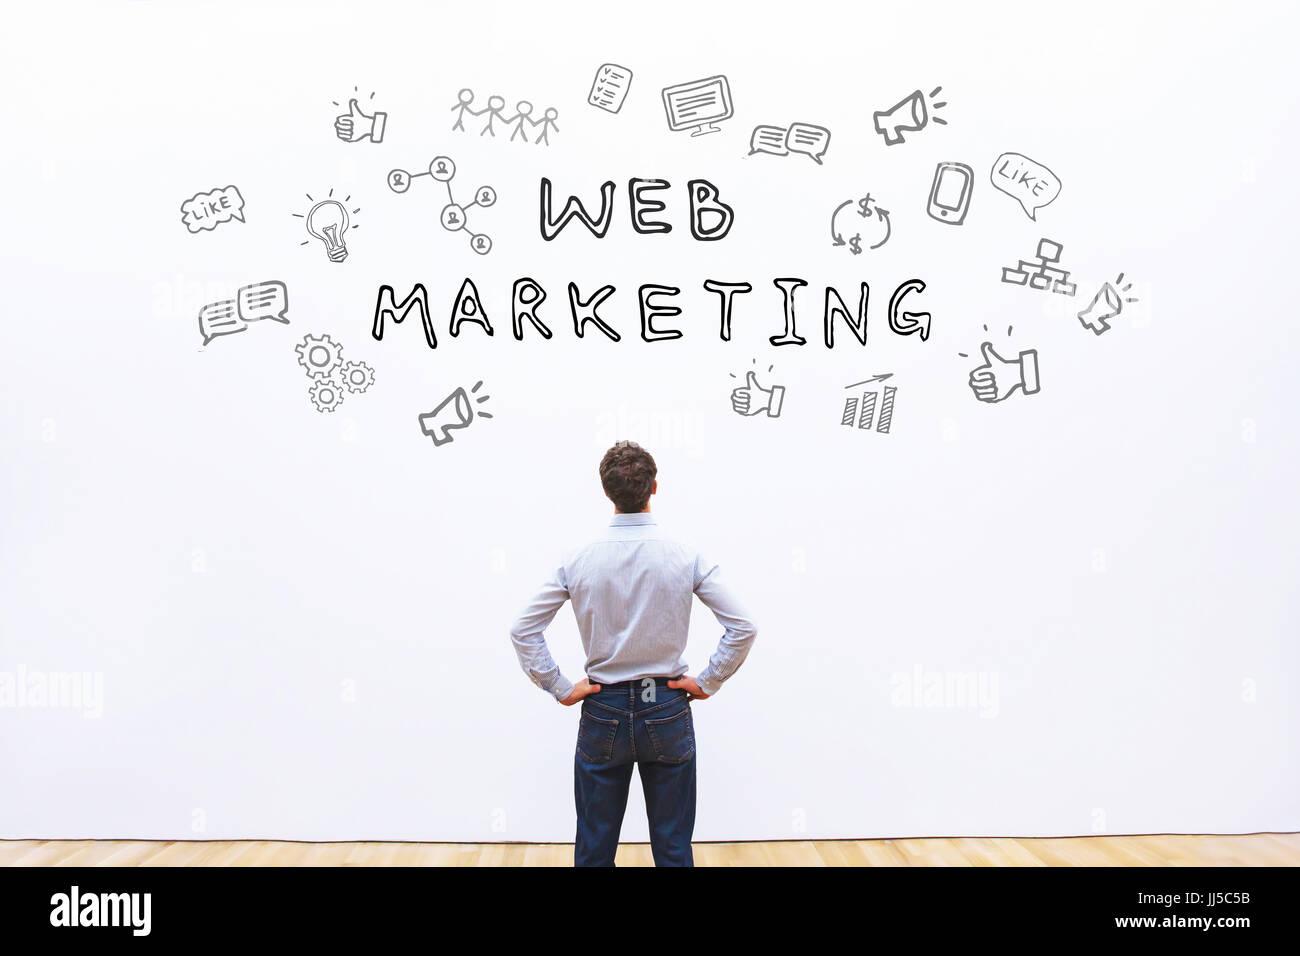 Web-marketing-Konzept Stockfoto